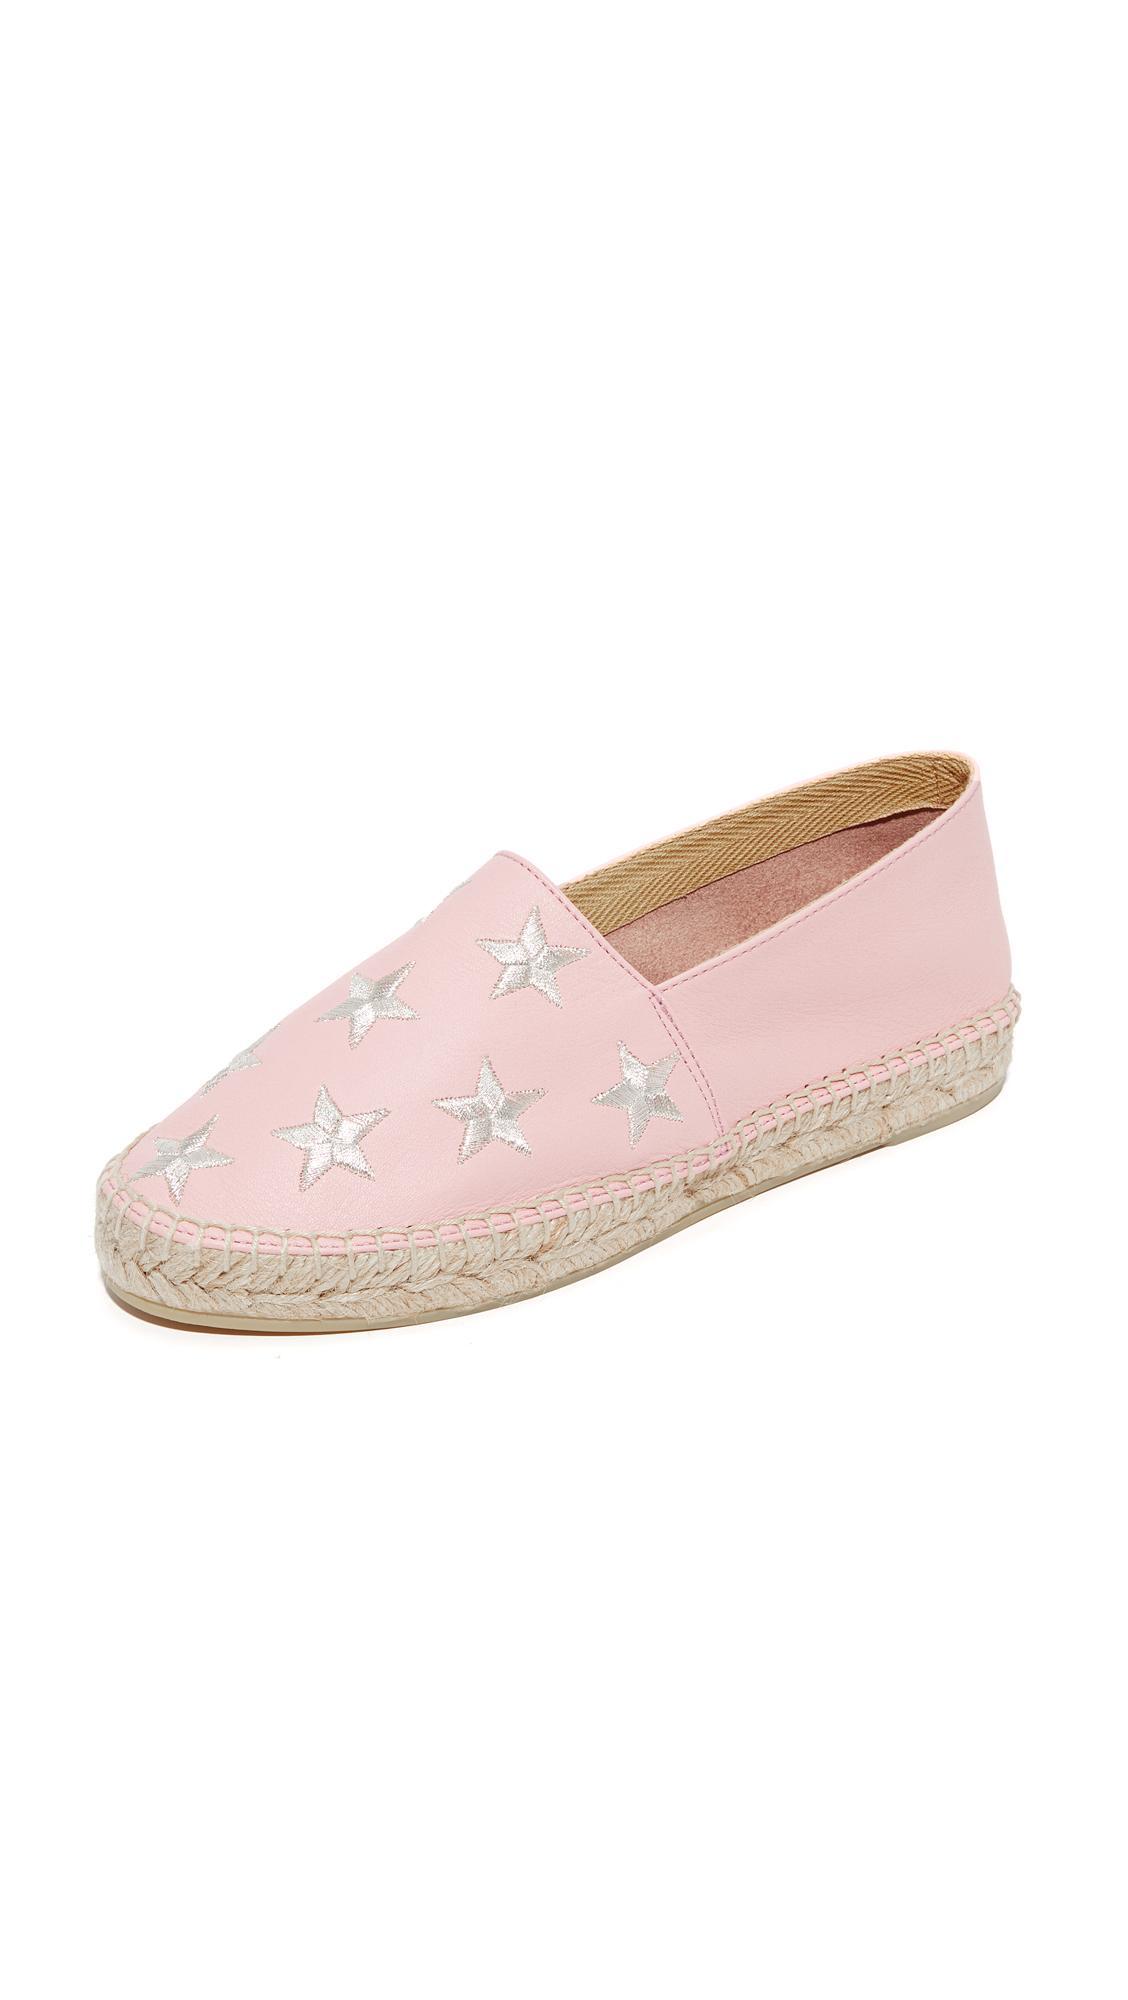 Slip On Shoe Covers Streetwear